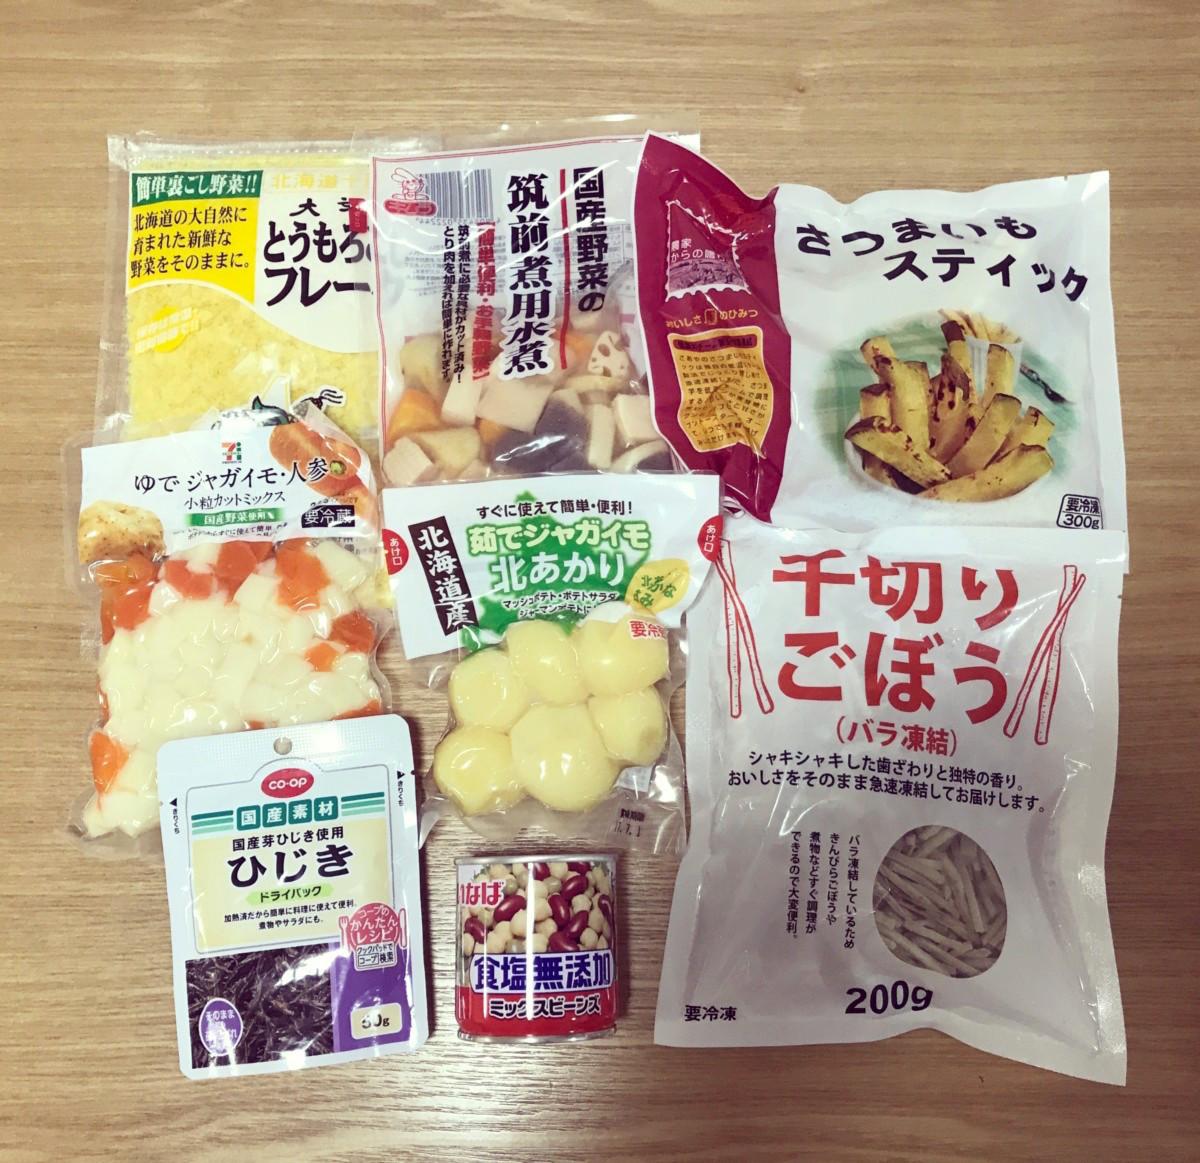 冷凍野菜や野菜水煮の例(編集部にて撮影)